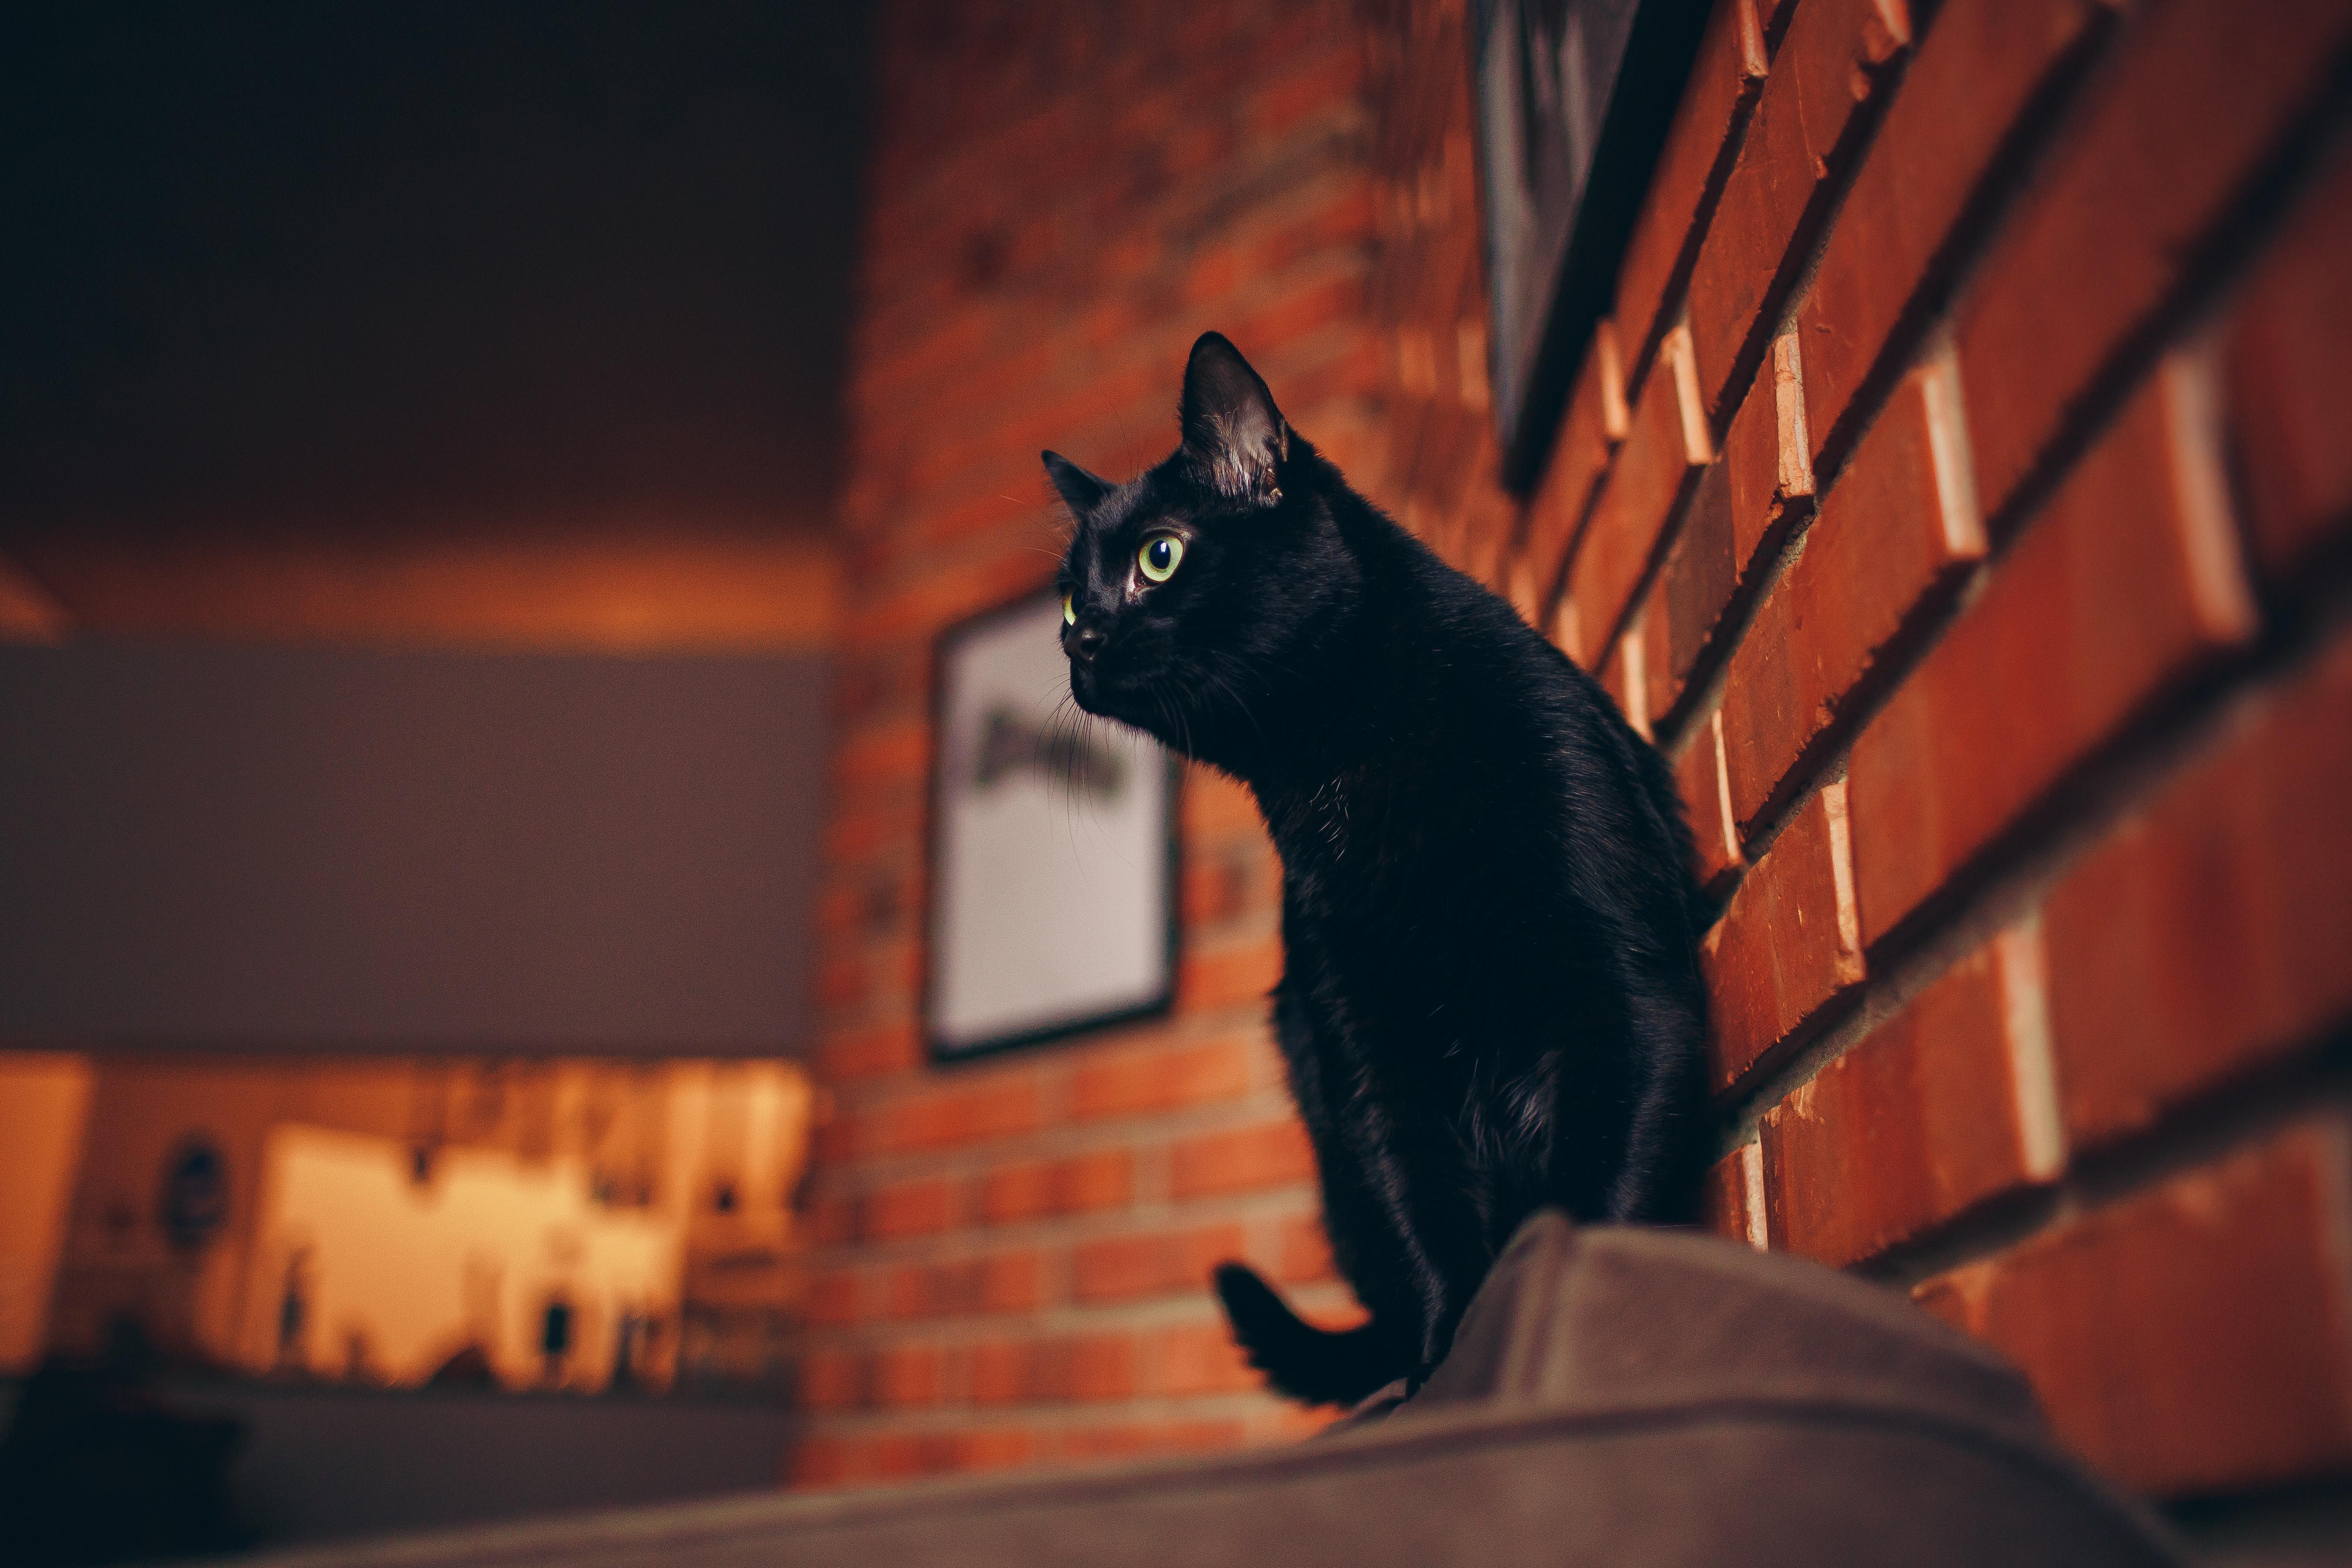 black cat portrait 1574938126 - Black Cat Portrait -